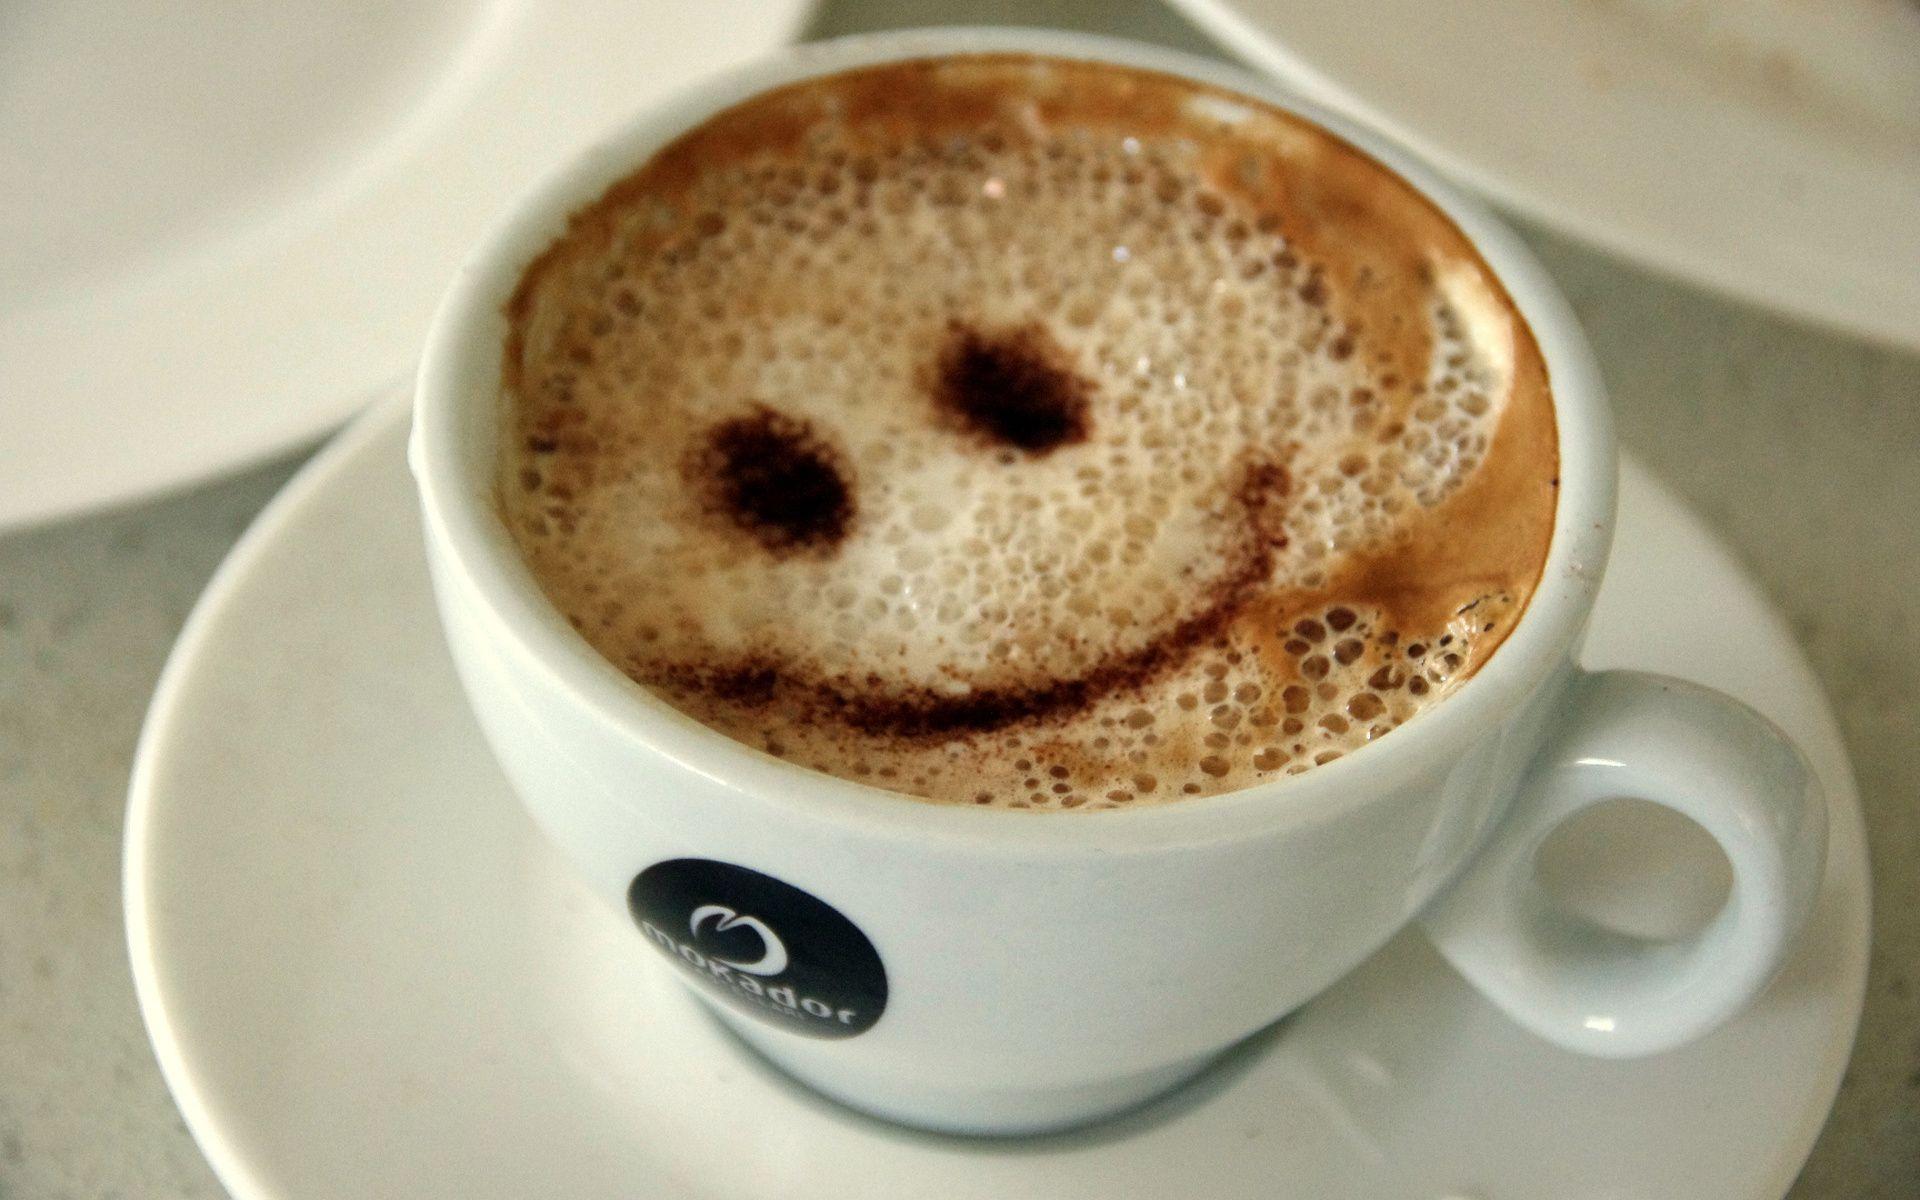 обои на рабочий стол доброе утро улыбнись скорее под мышкой представляет